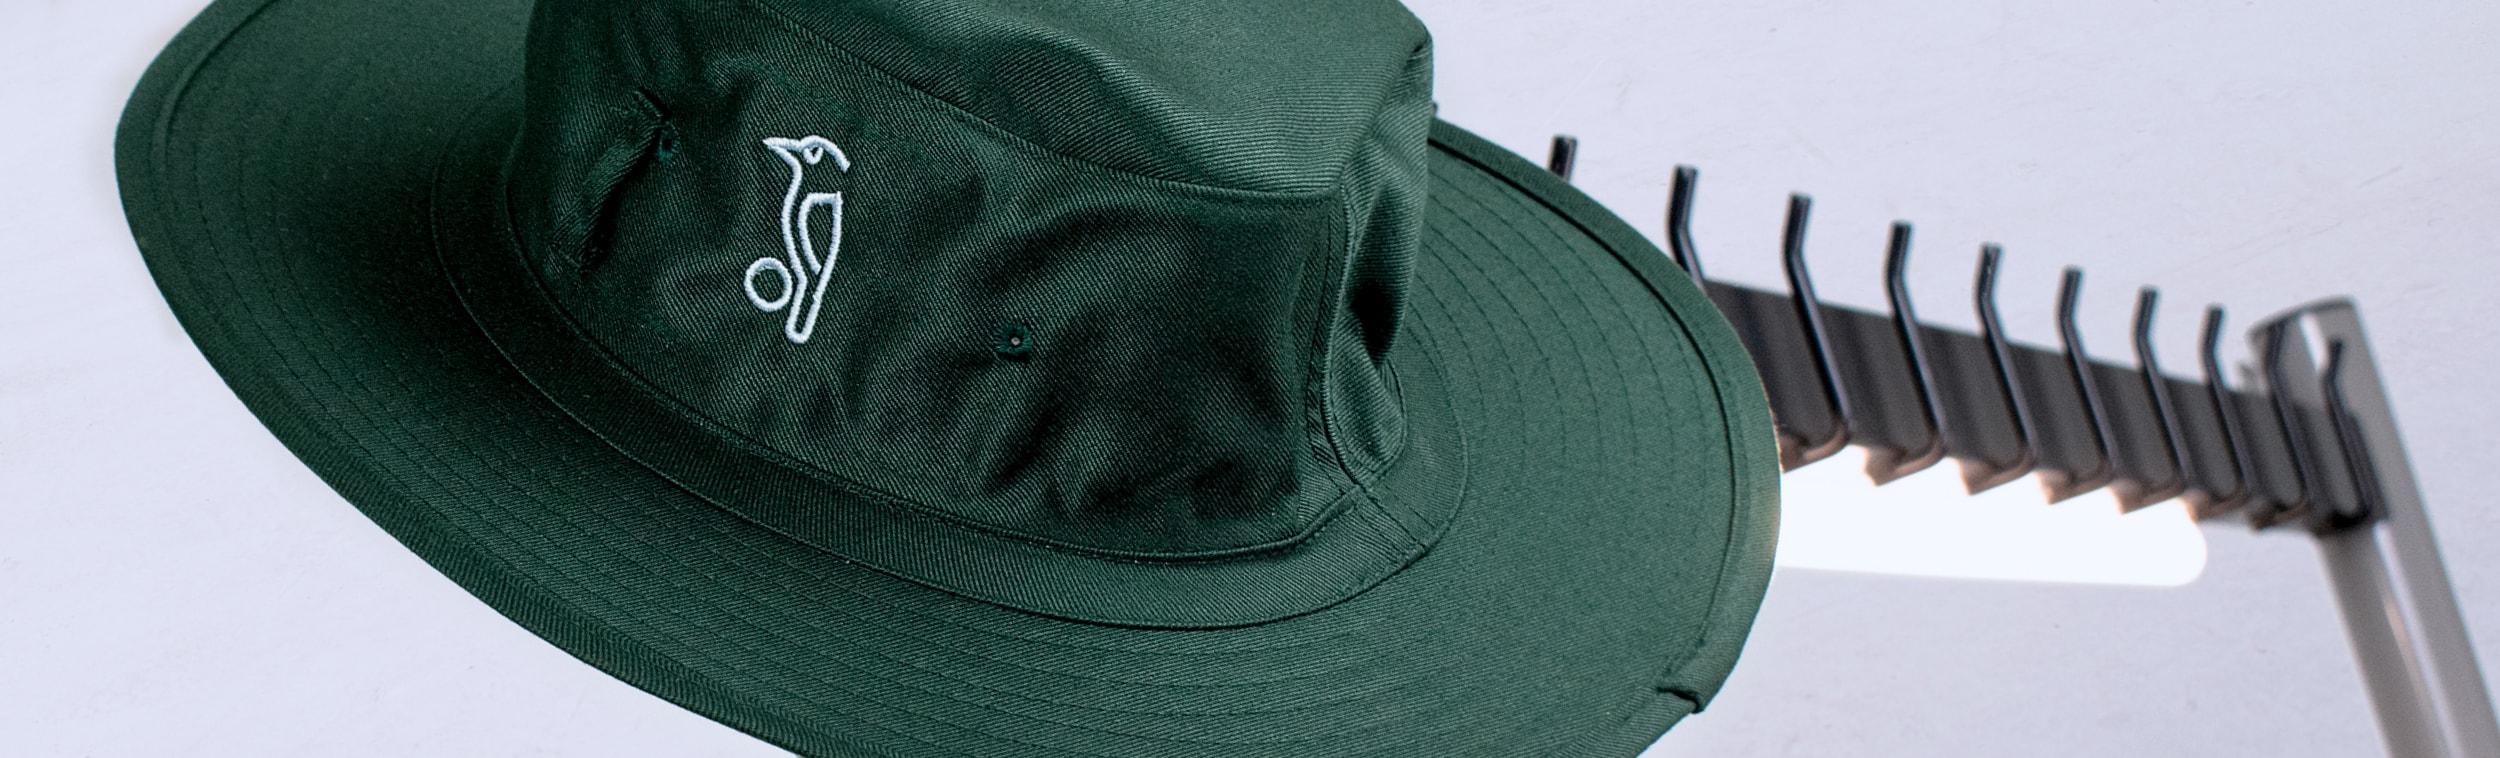 Kookaburra Cricket Hats